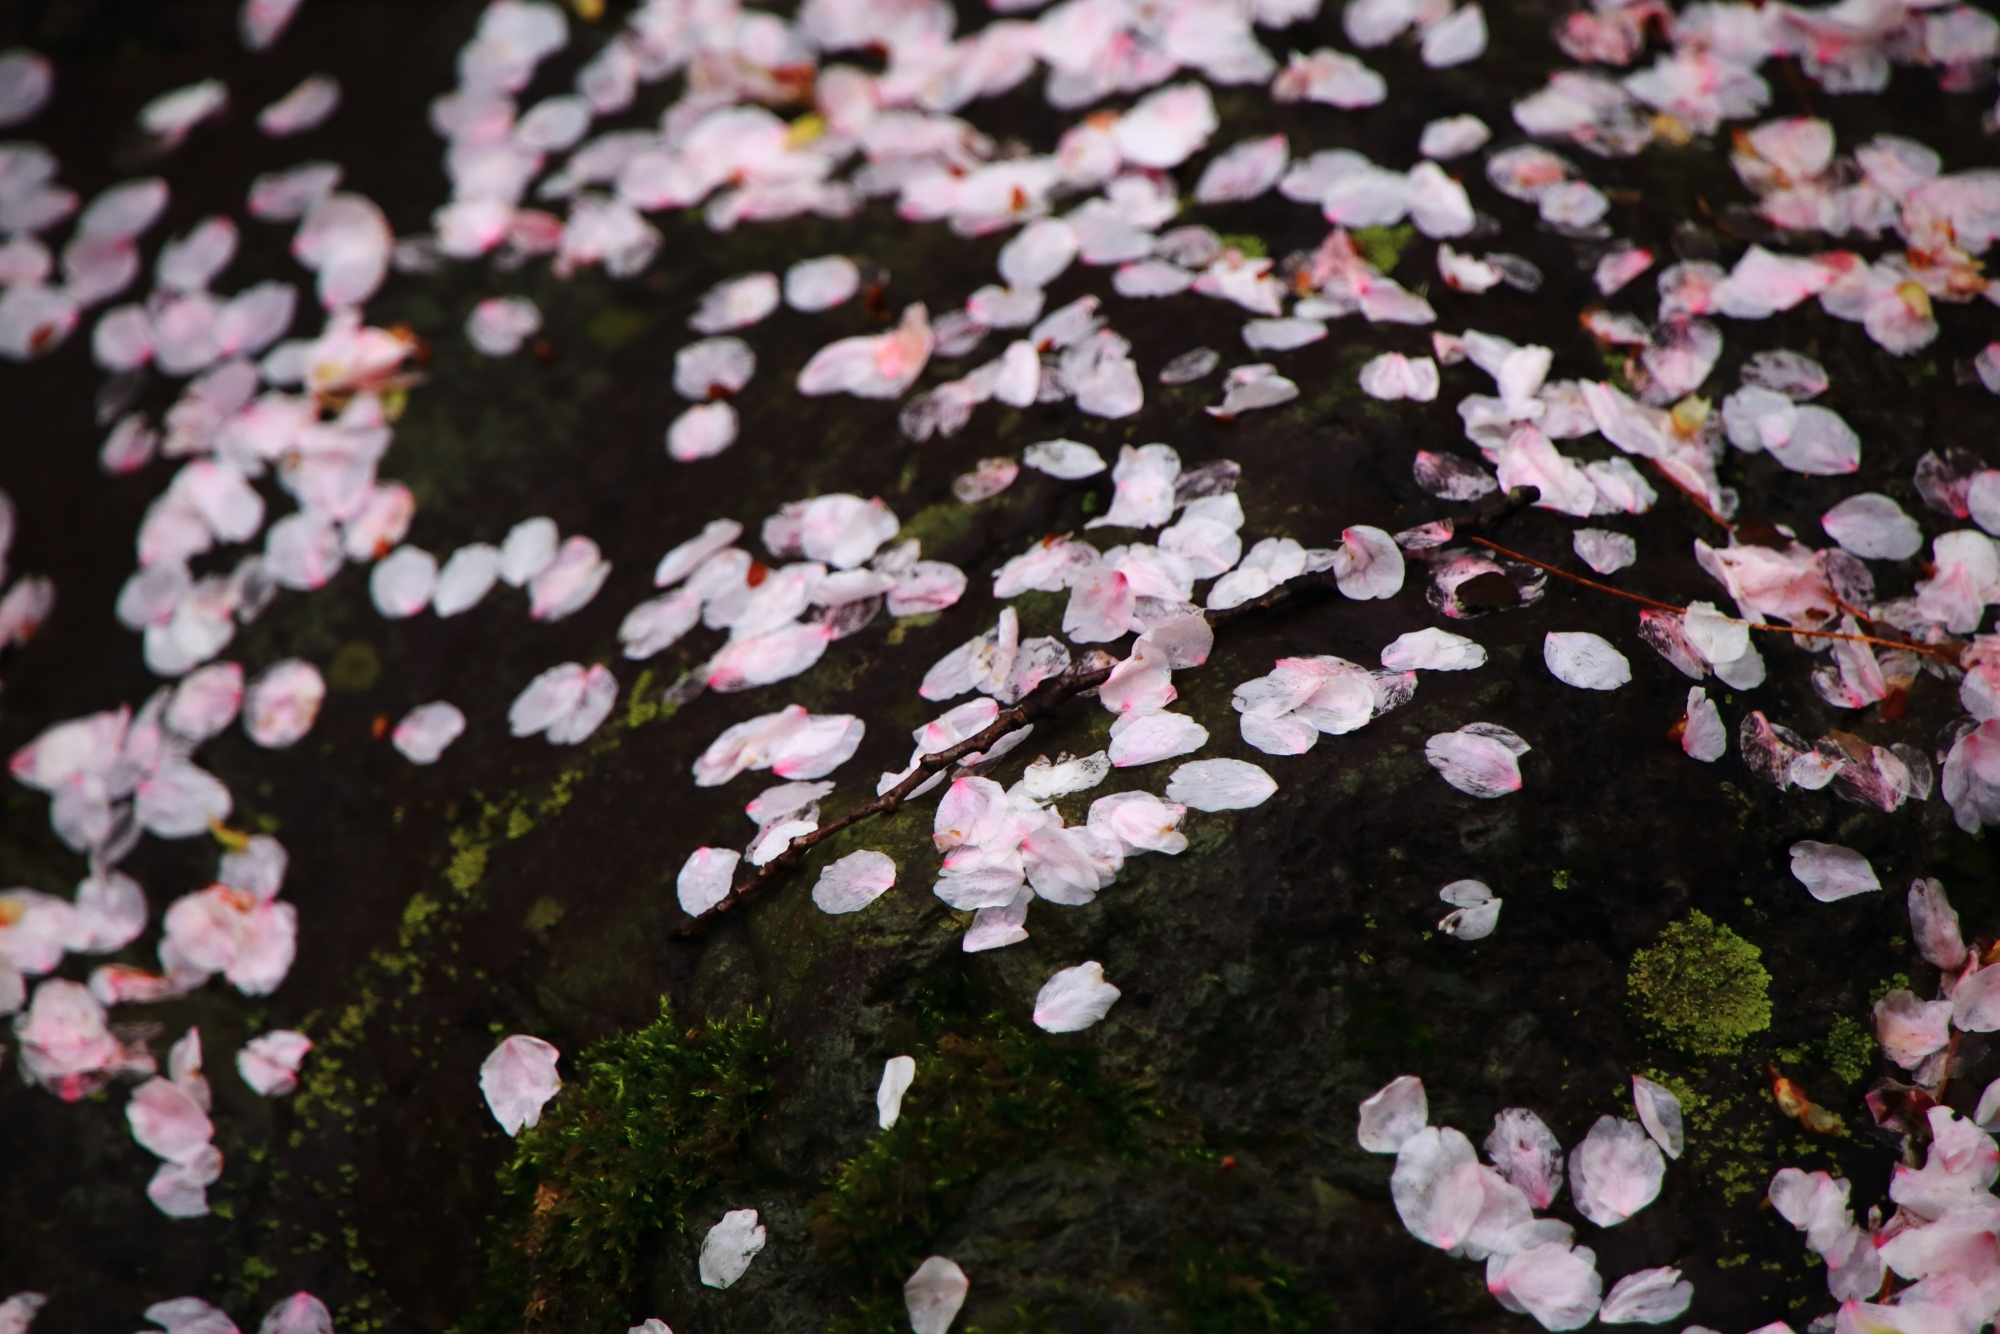 岩を華やかに染める散り桜